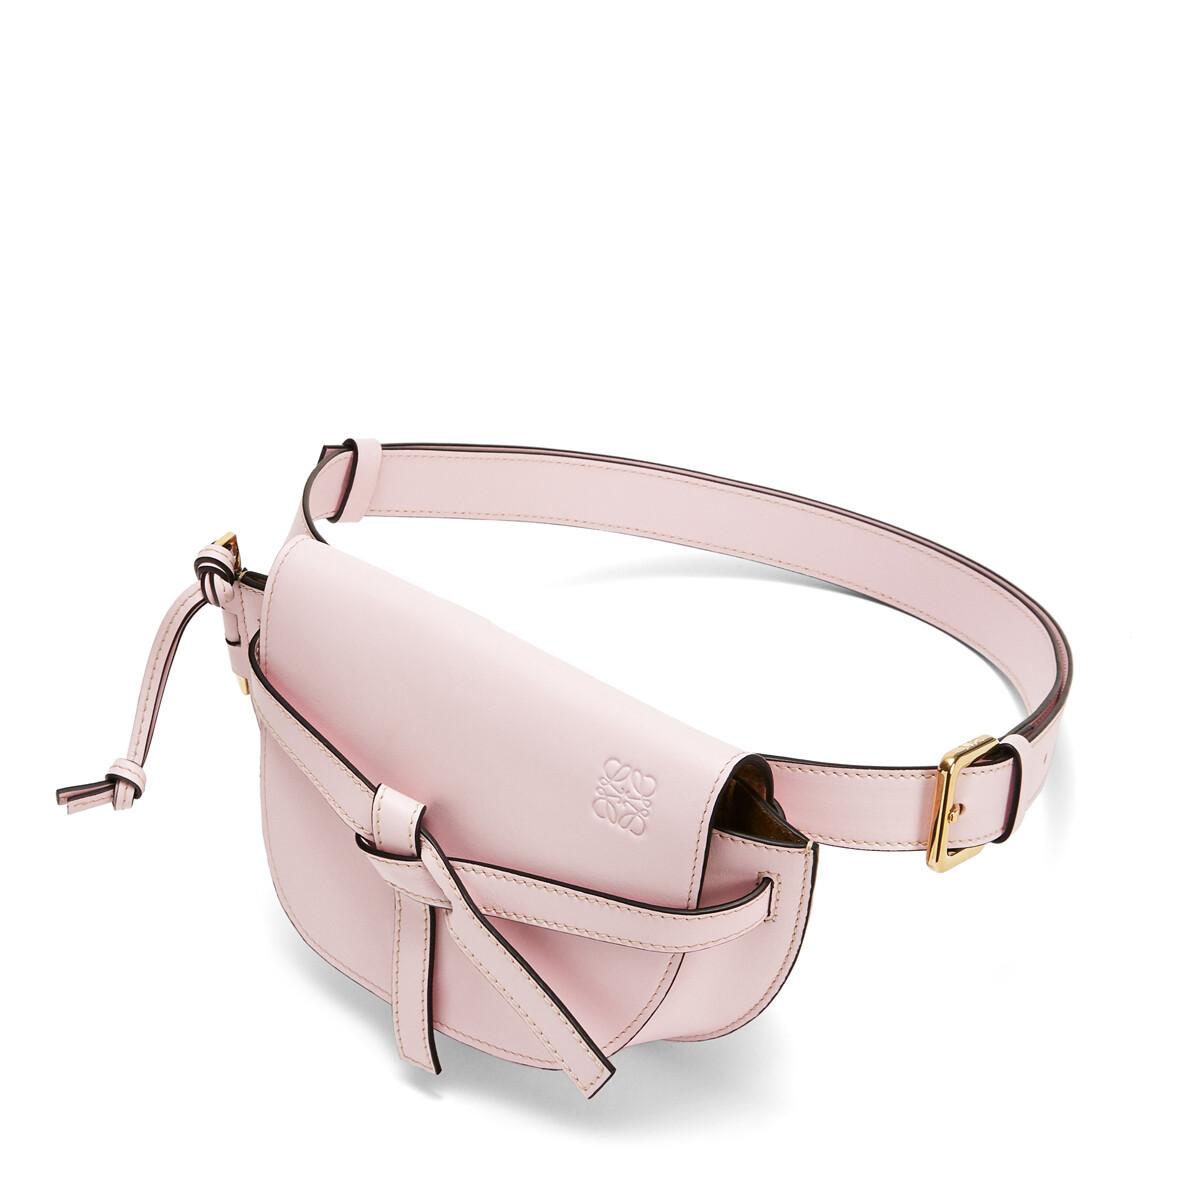 LOEWE Gate腰包 Icy Pink front